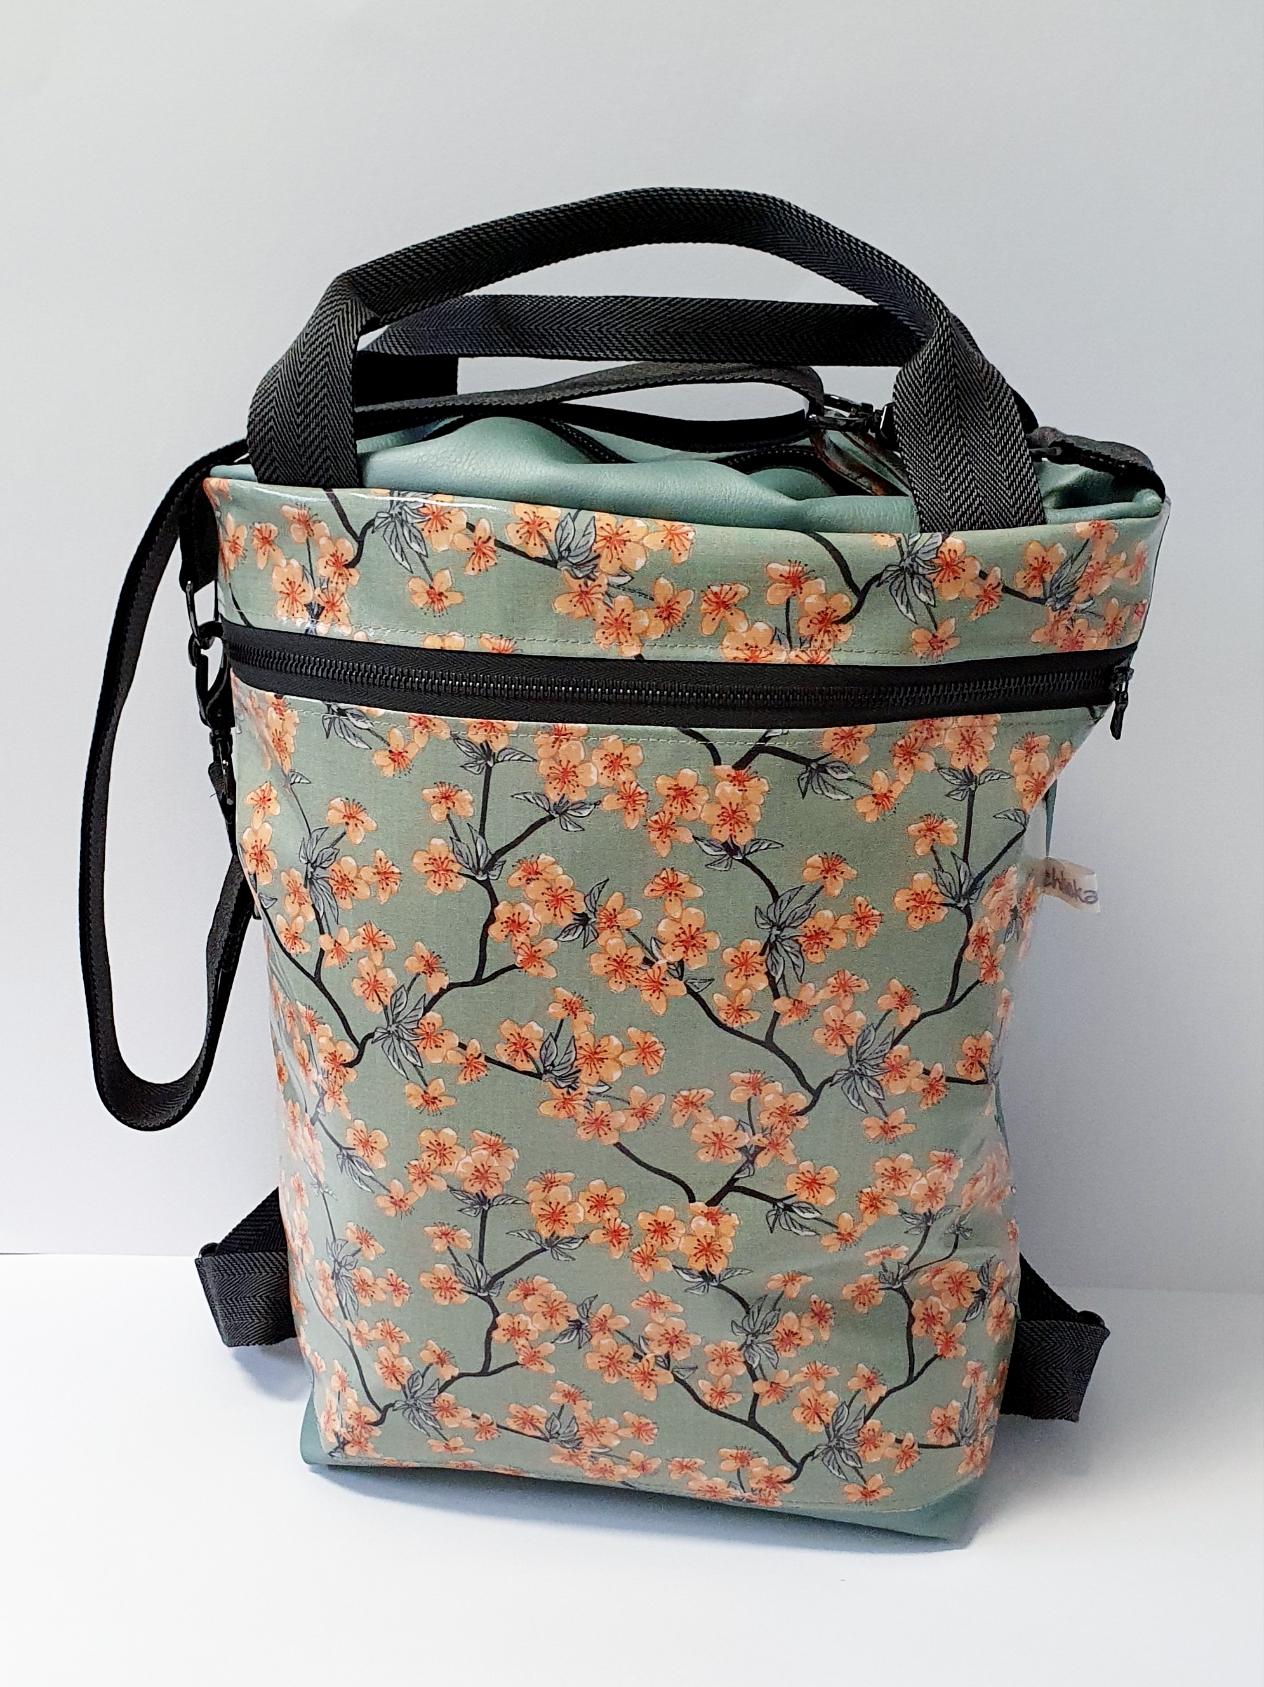 3in1 Bag L Kunstleder kombiniert mit Wachstuch, Fr. 185.-